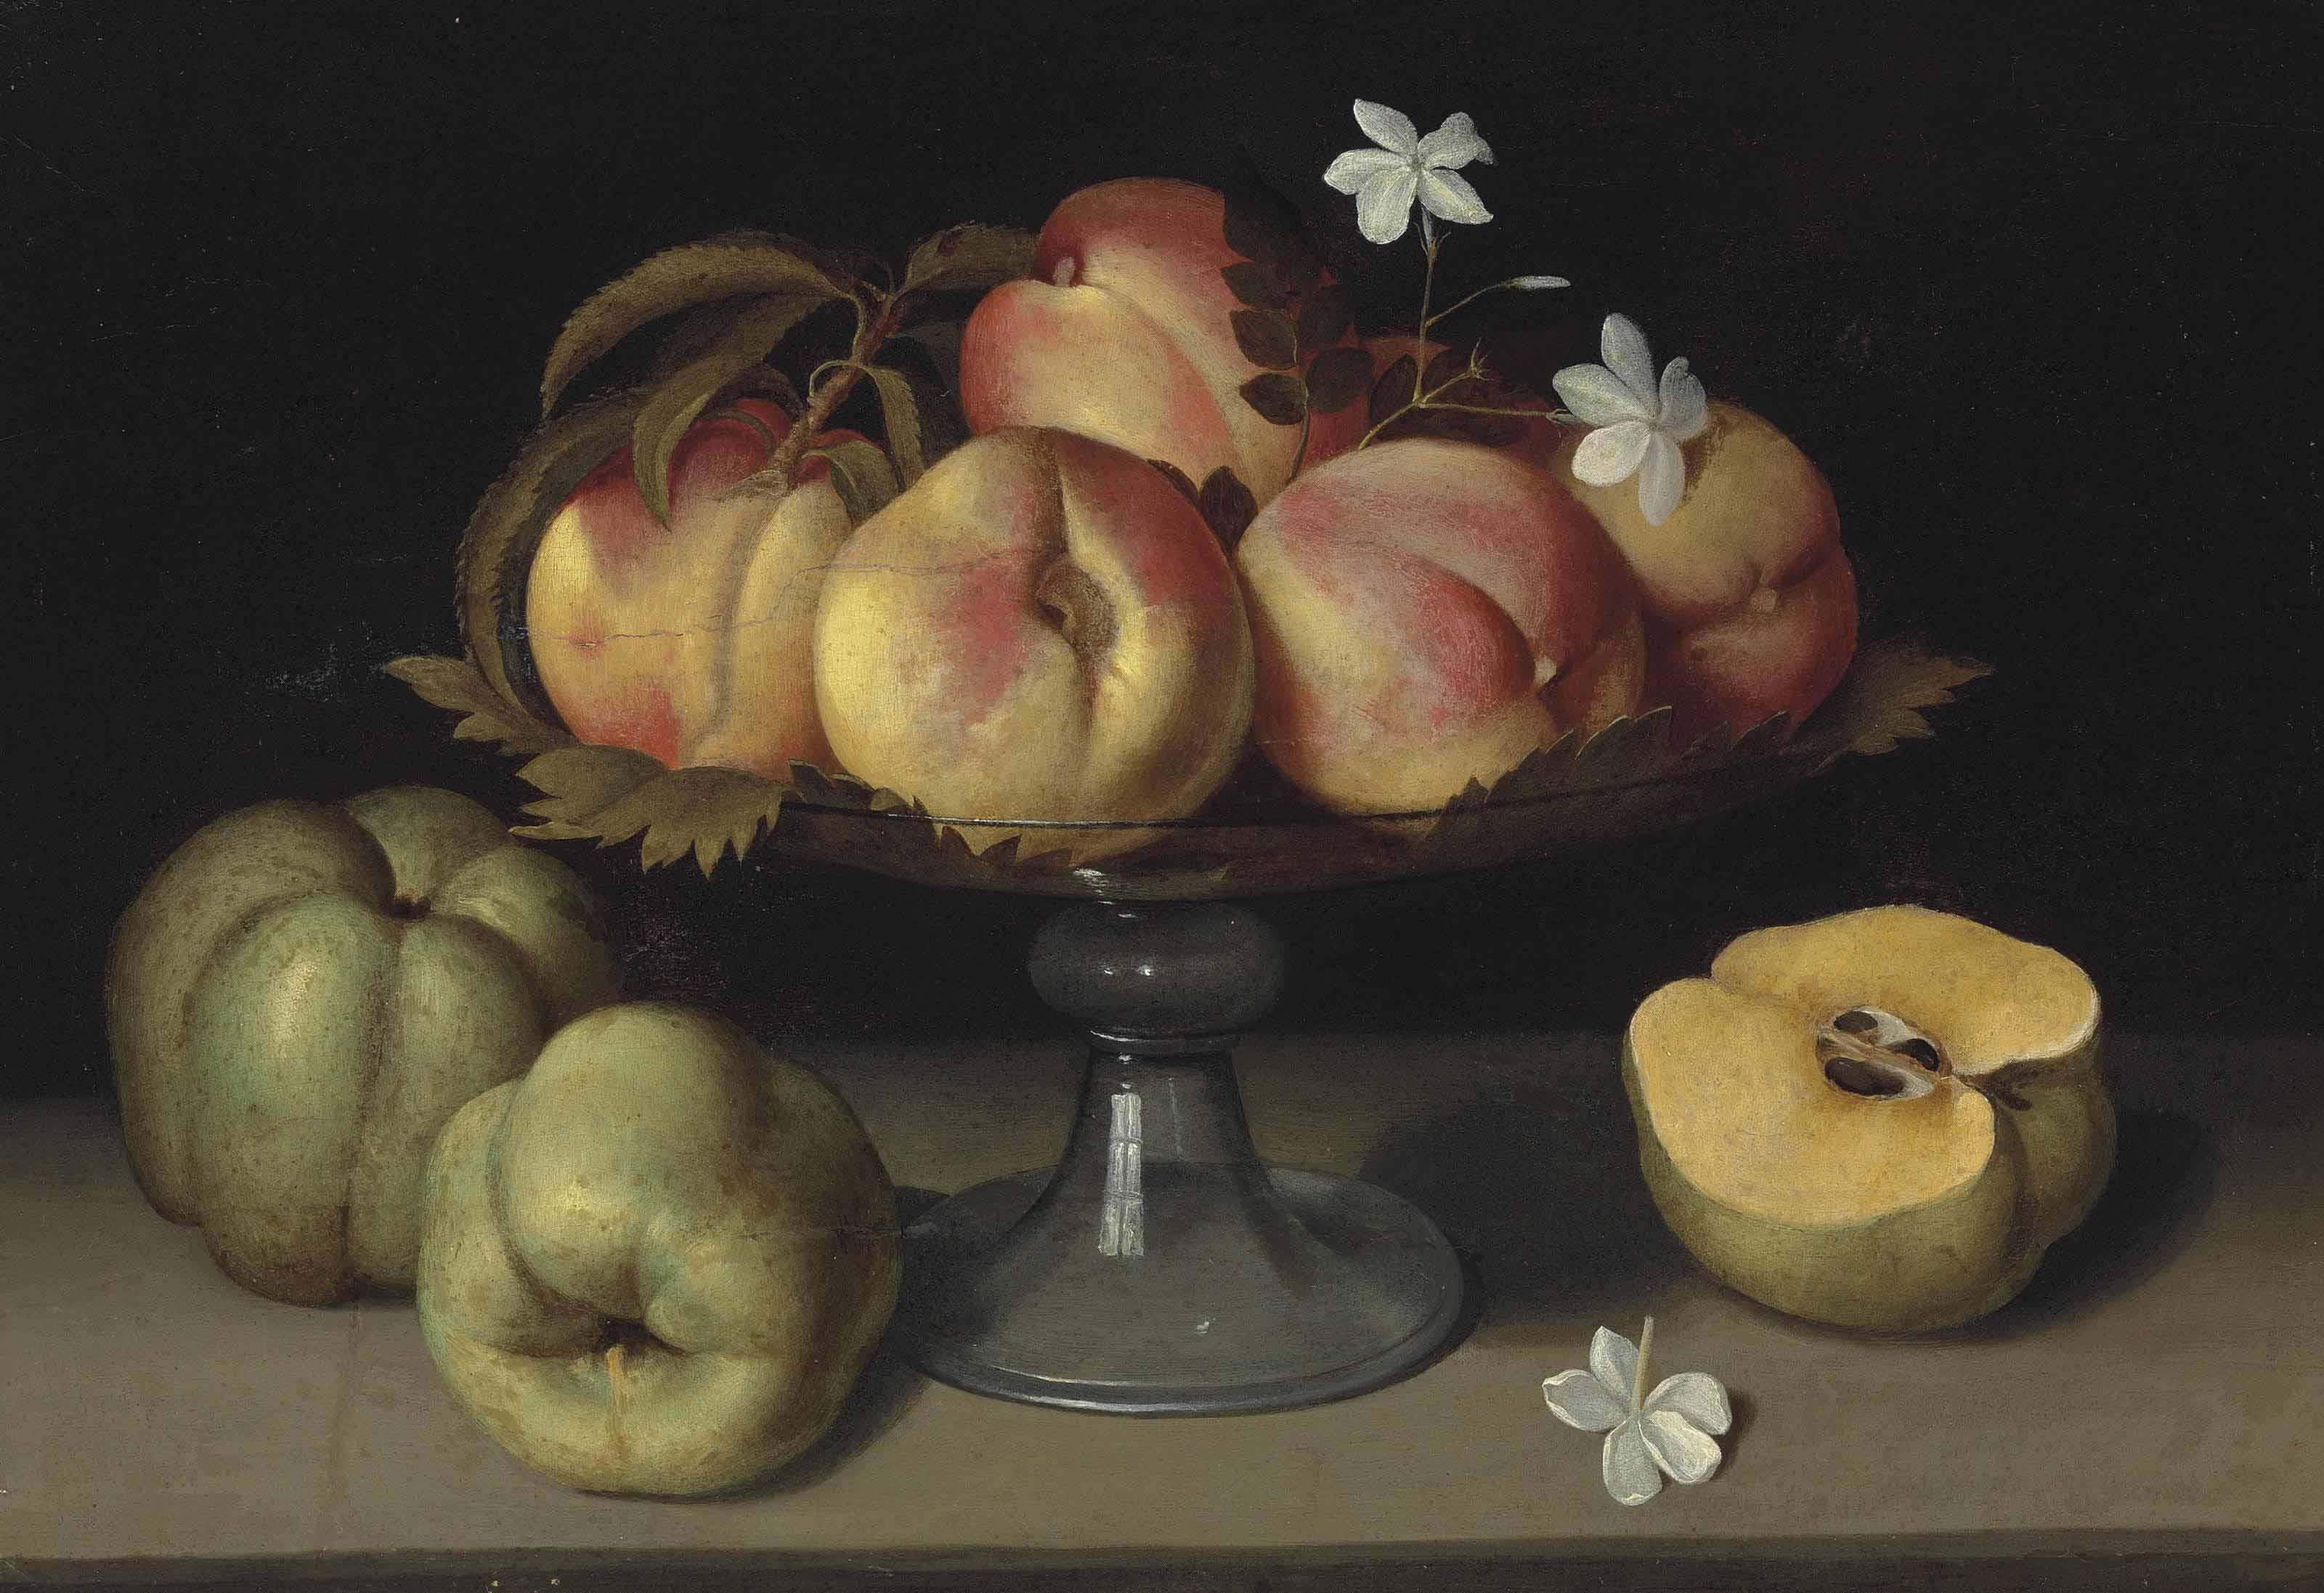 Pêches dans une coupe en verre, pommes et fleurs de jasmin